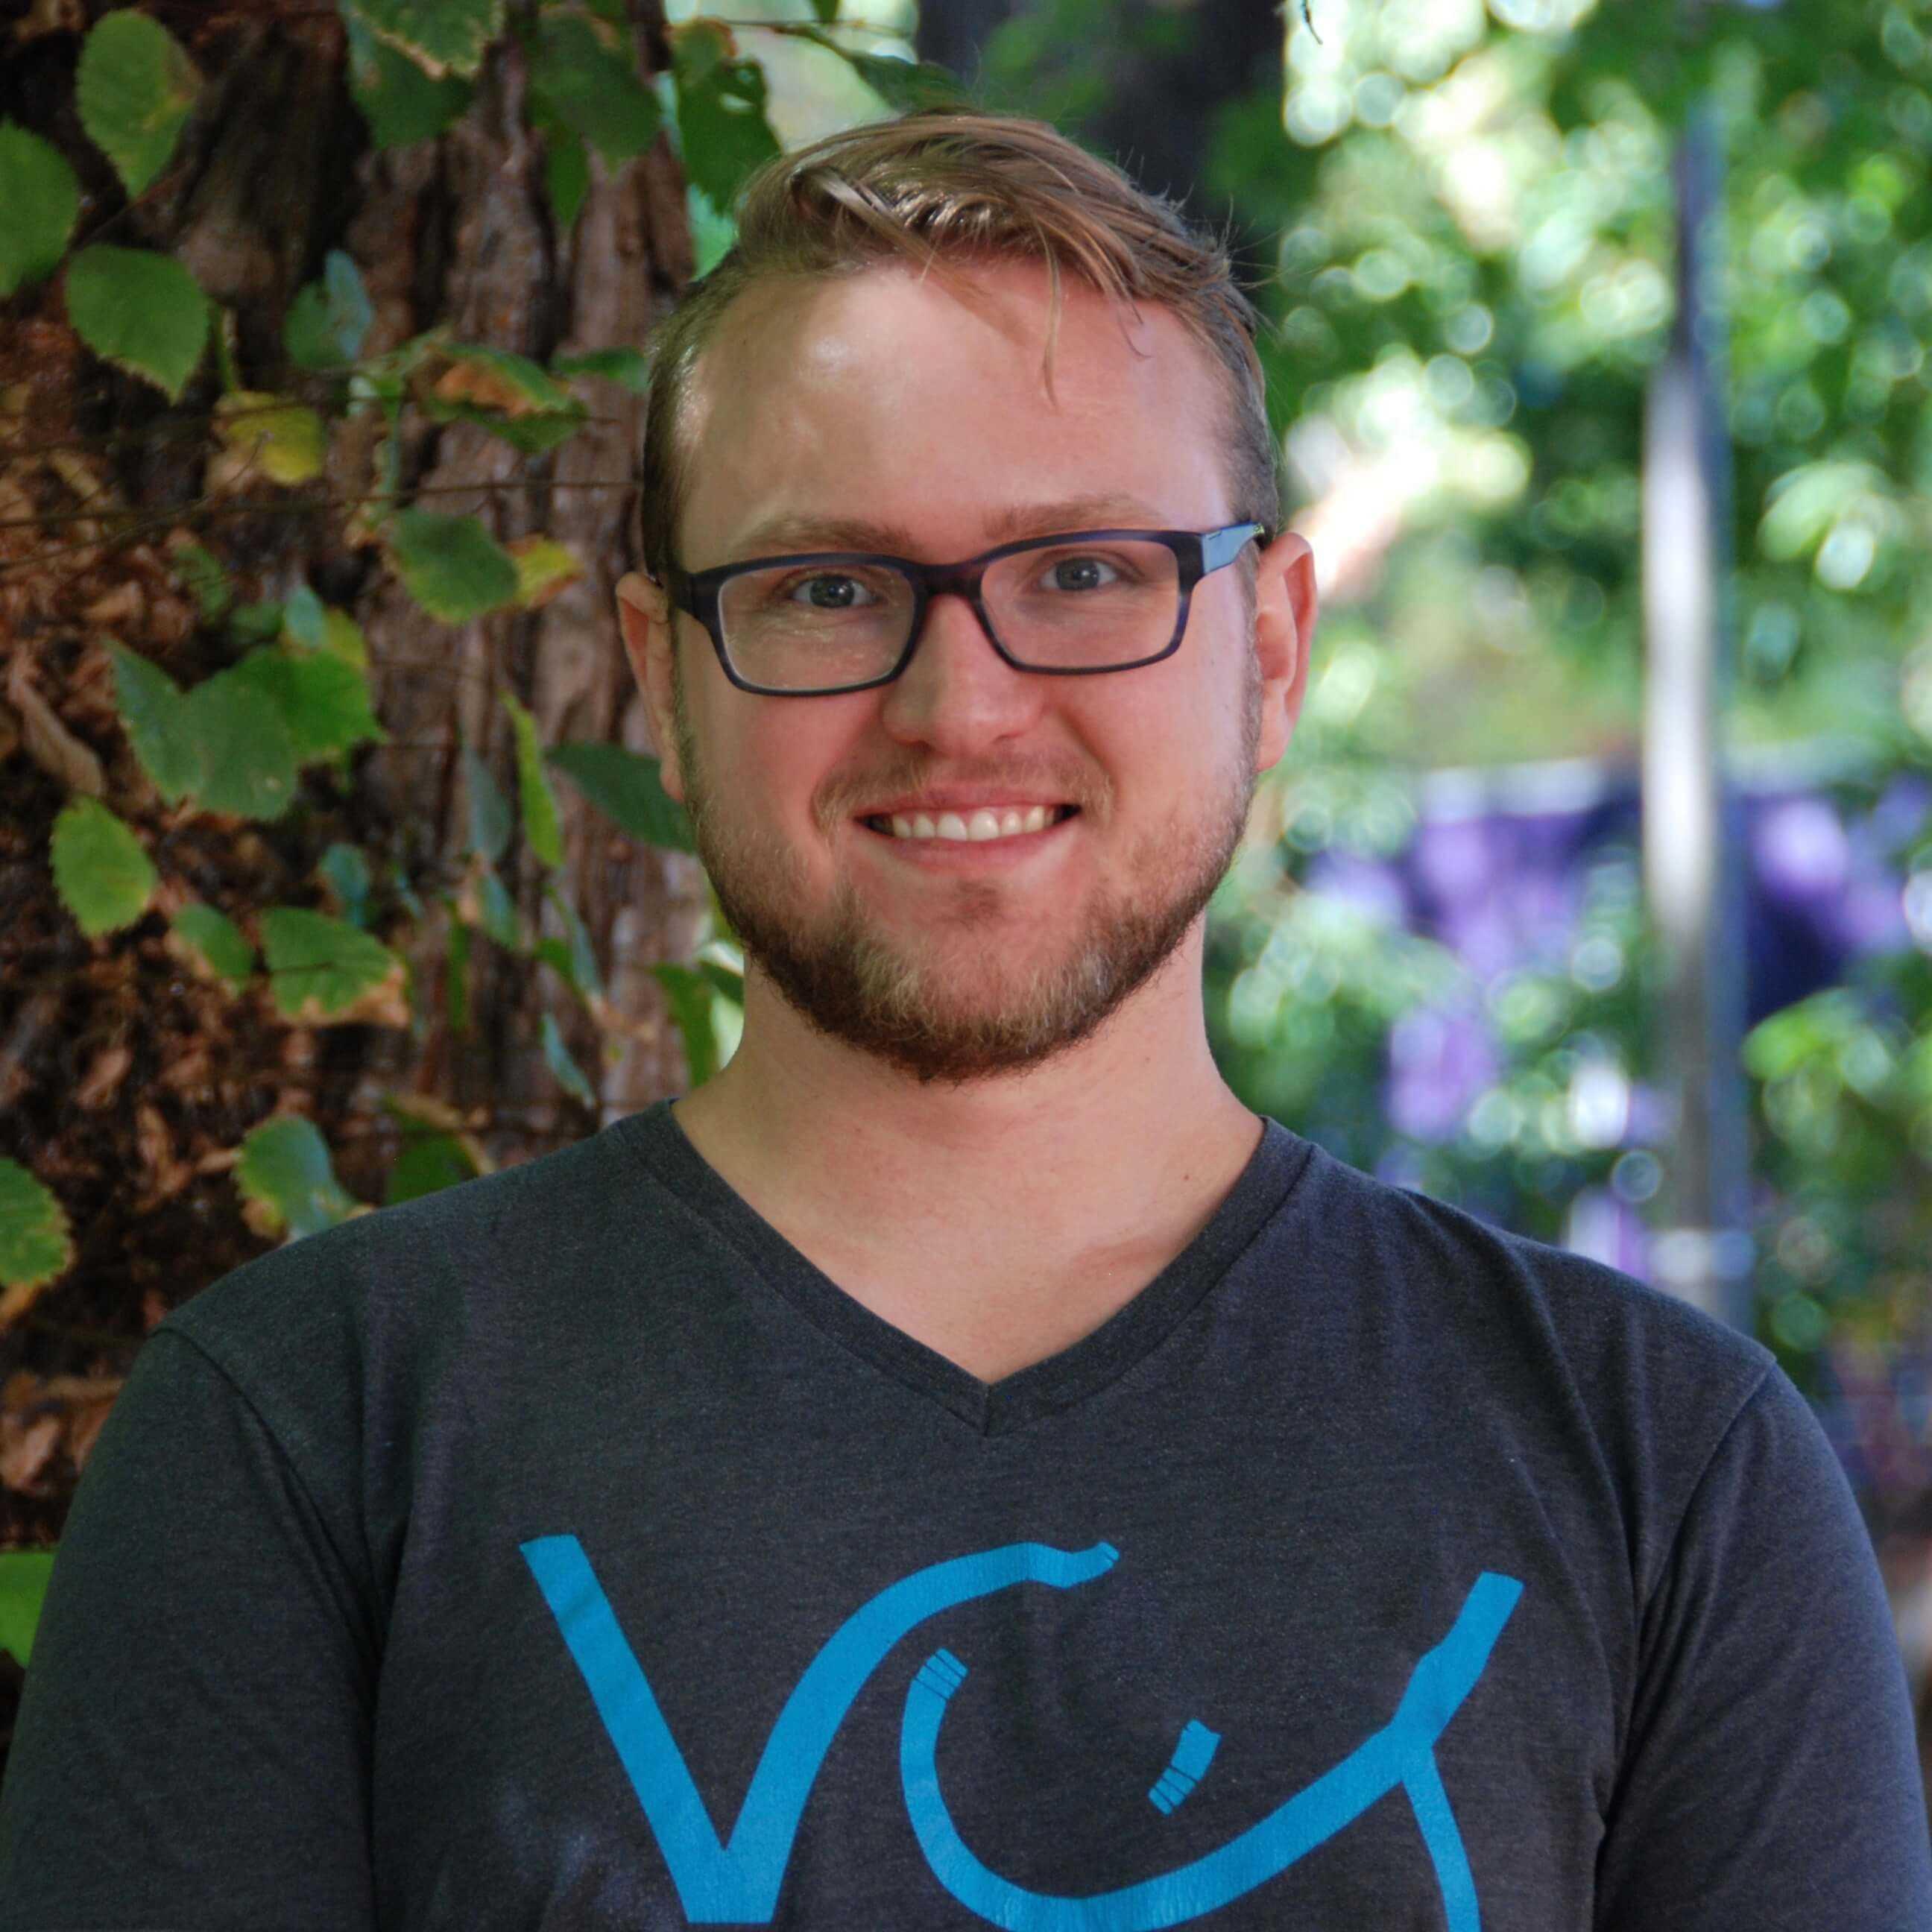 Lee Burke : Graduate Student